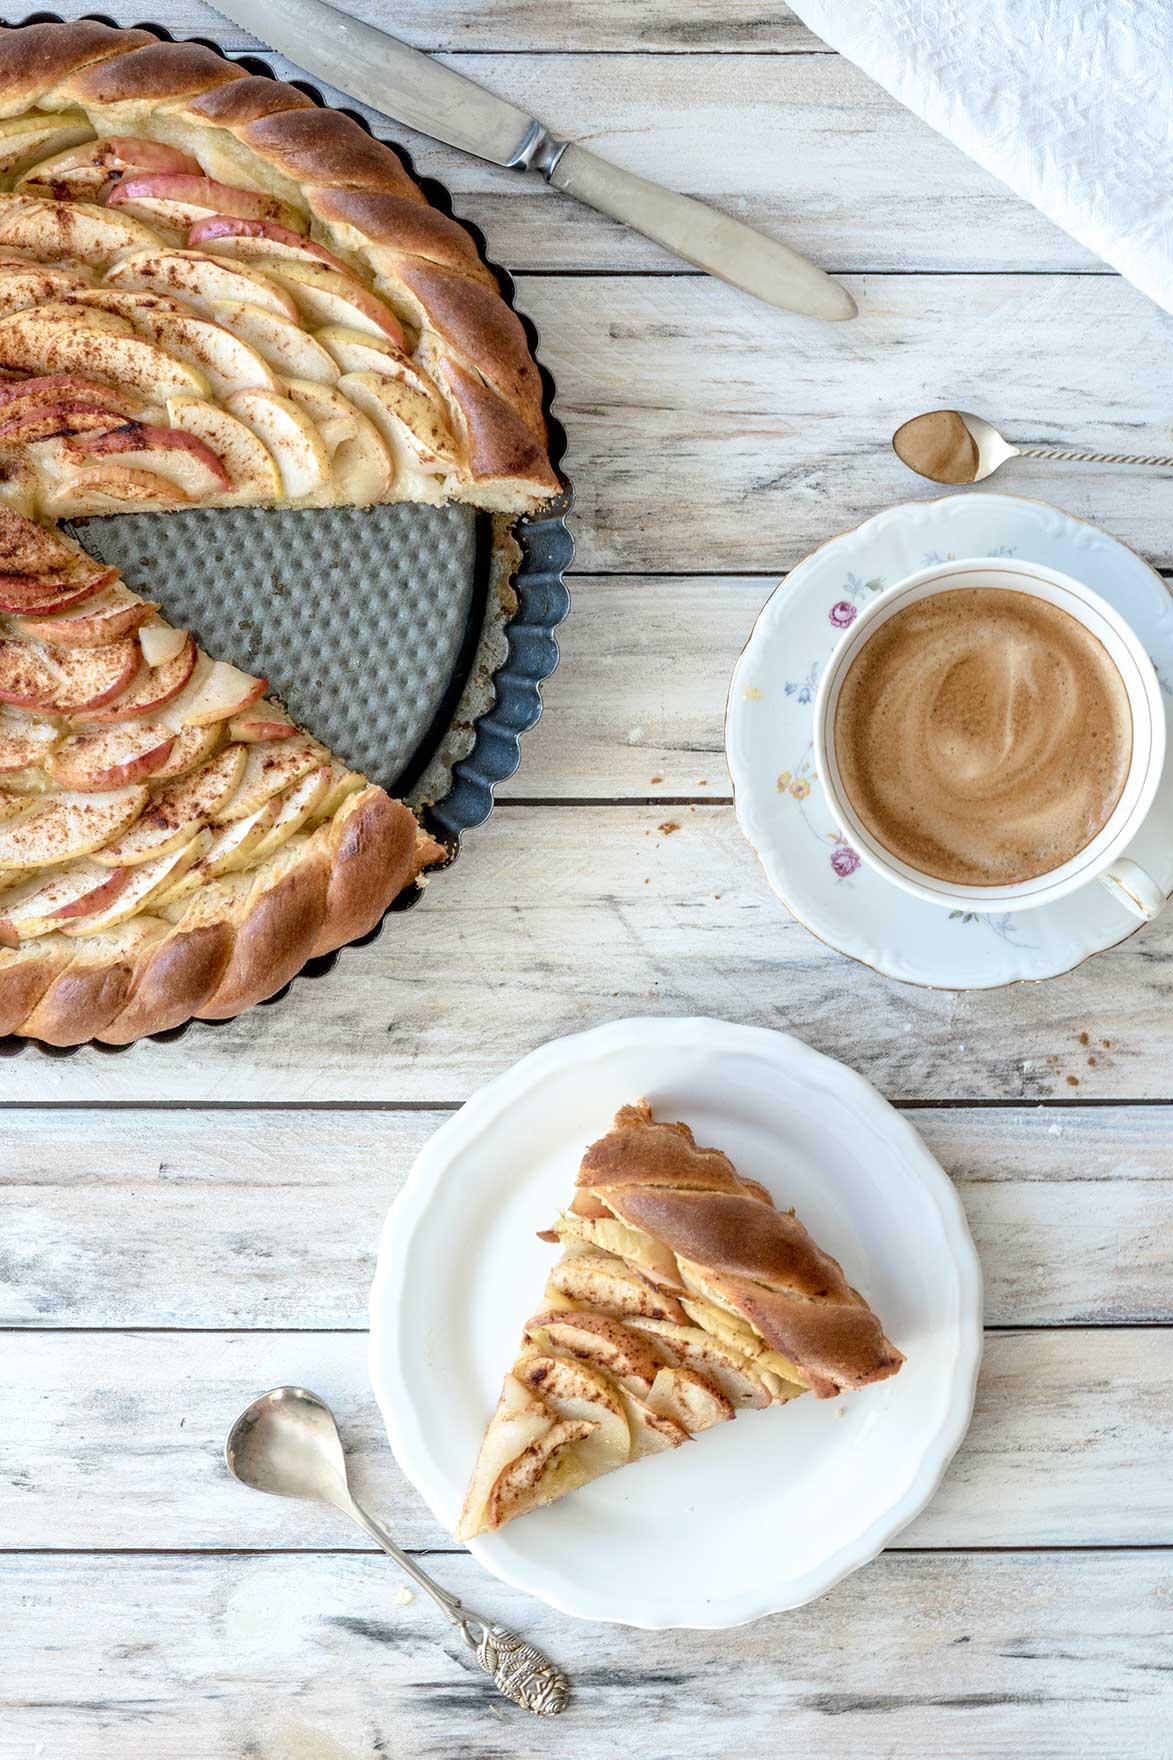 Kaffee und Apfelkuchen auf einem Tisch